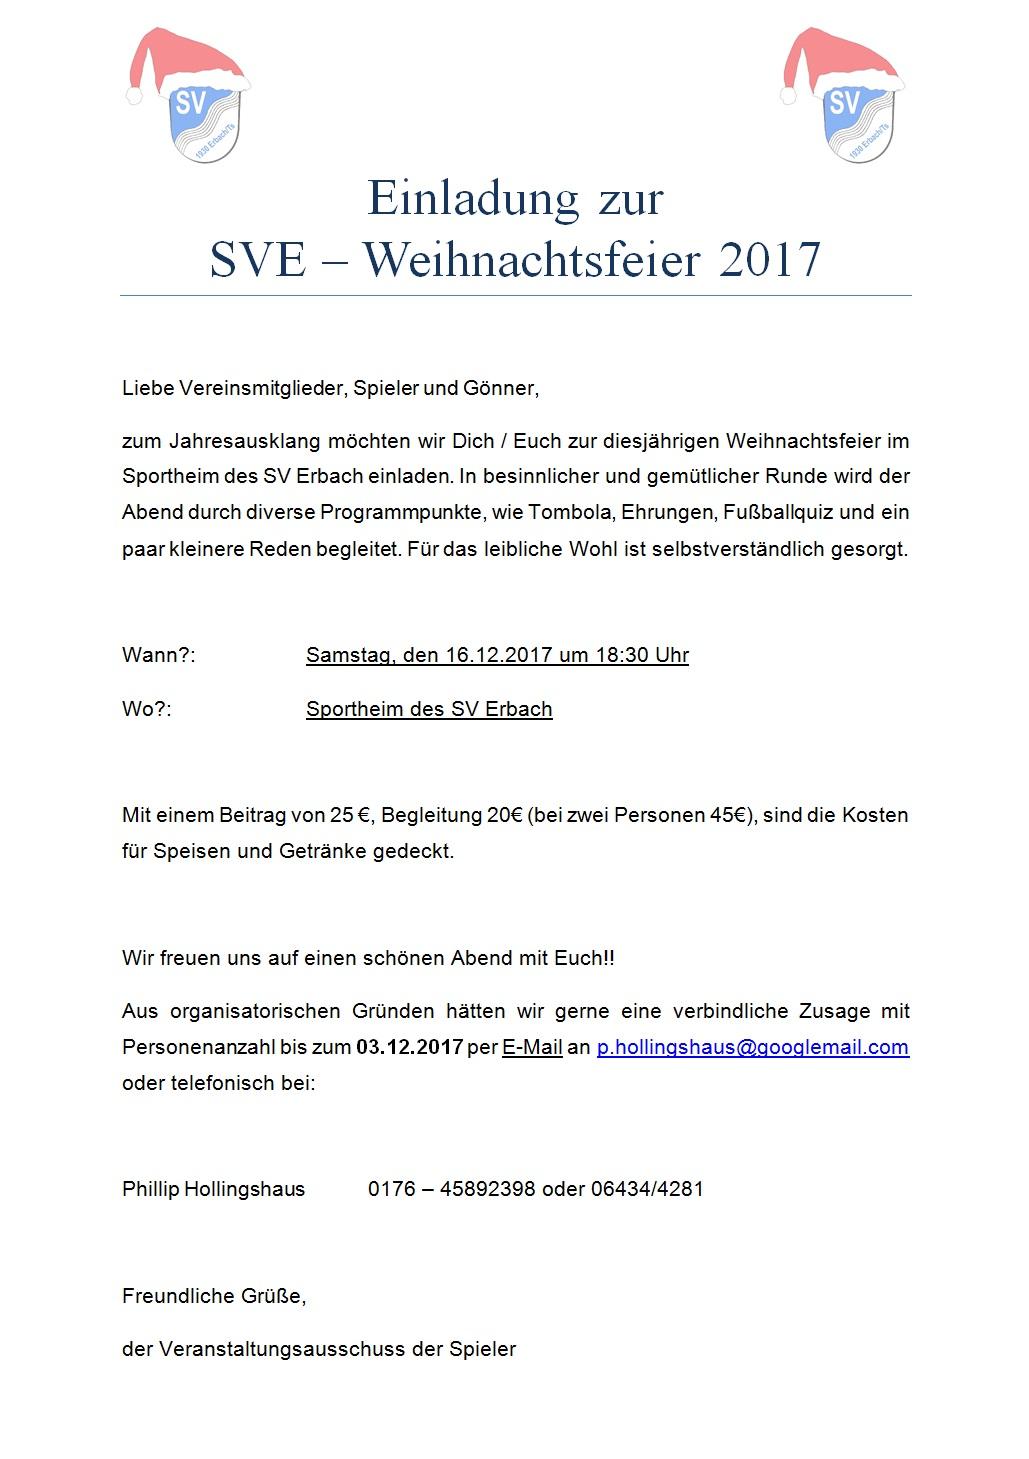 Rede Weihnachtsfeier Fussballverein.Sv 1930 Erbach Ts E V Verein Einladung Weihnachtsfeier